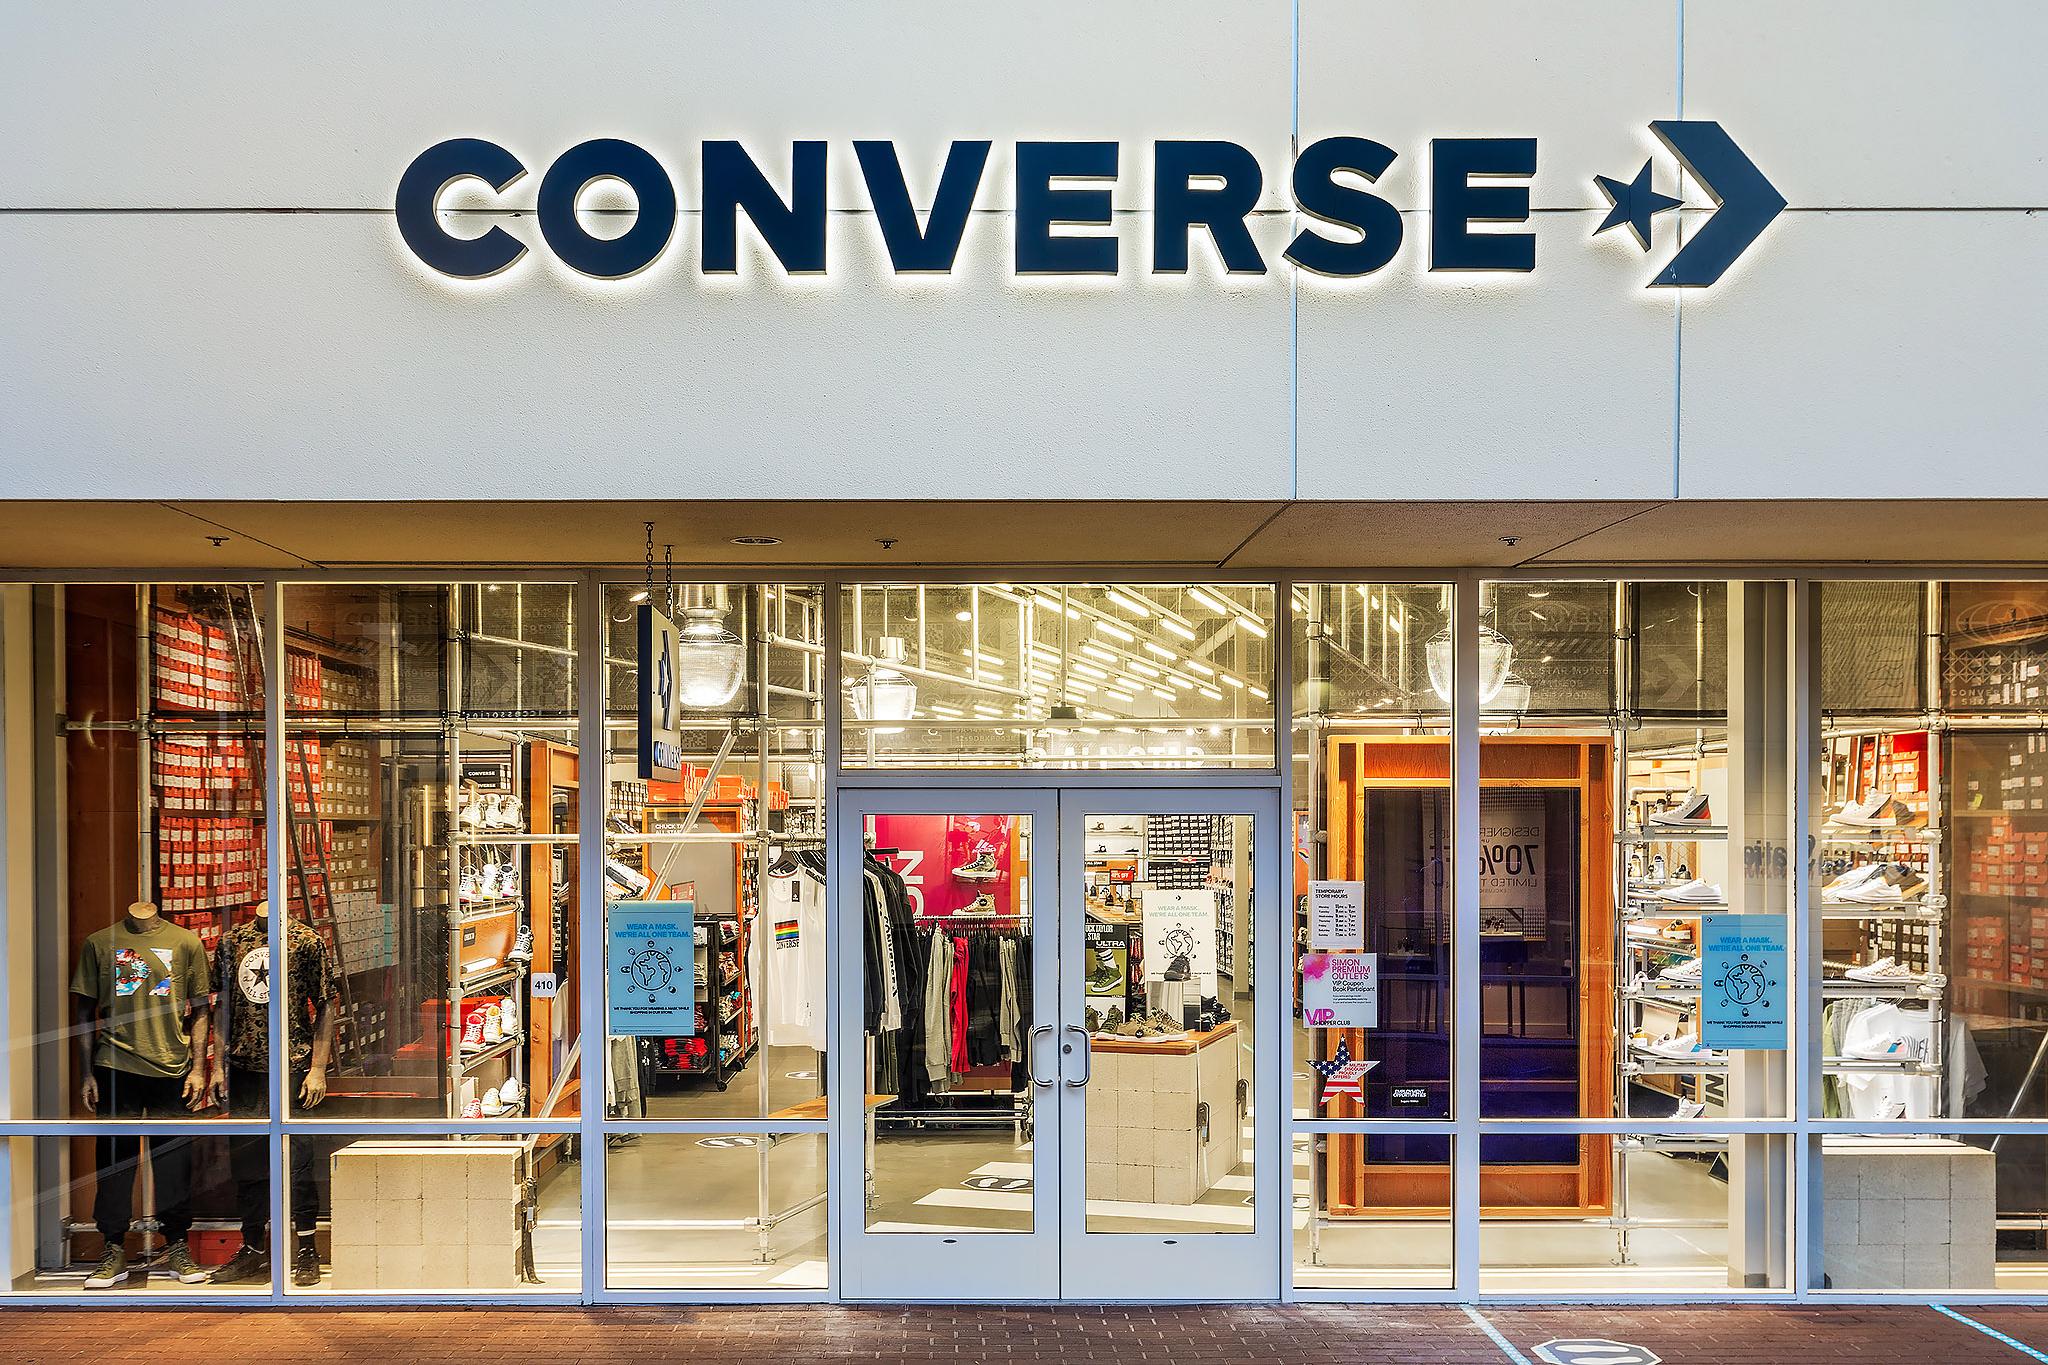 Converse-Waikele-Premium-Outlets-08-08-2020-004 copy